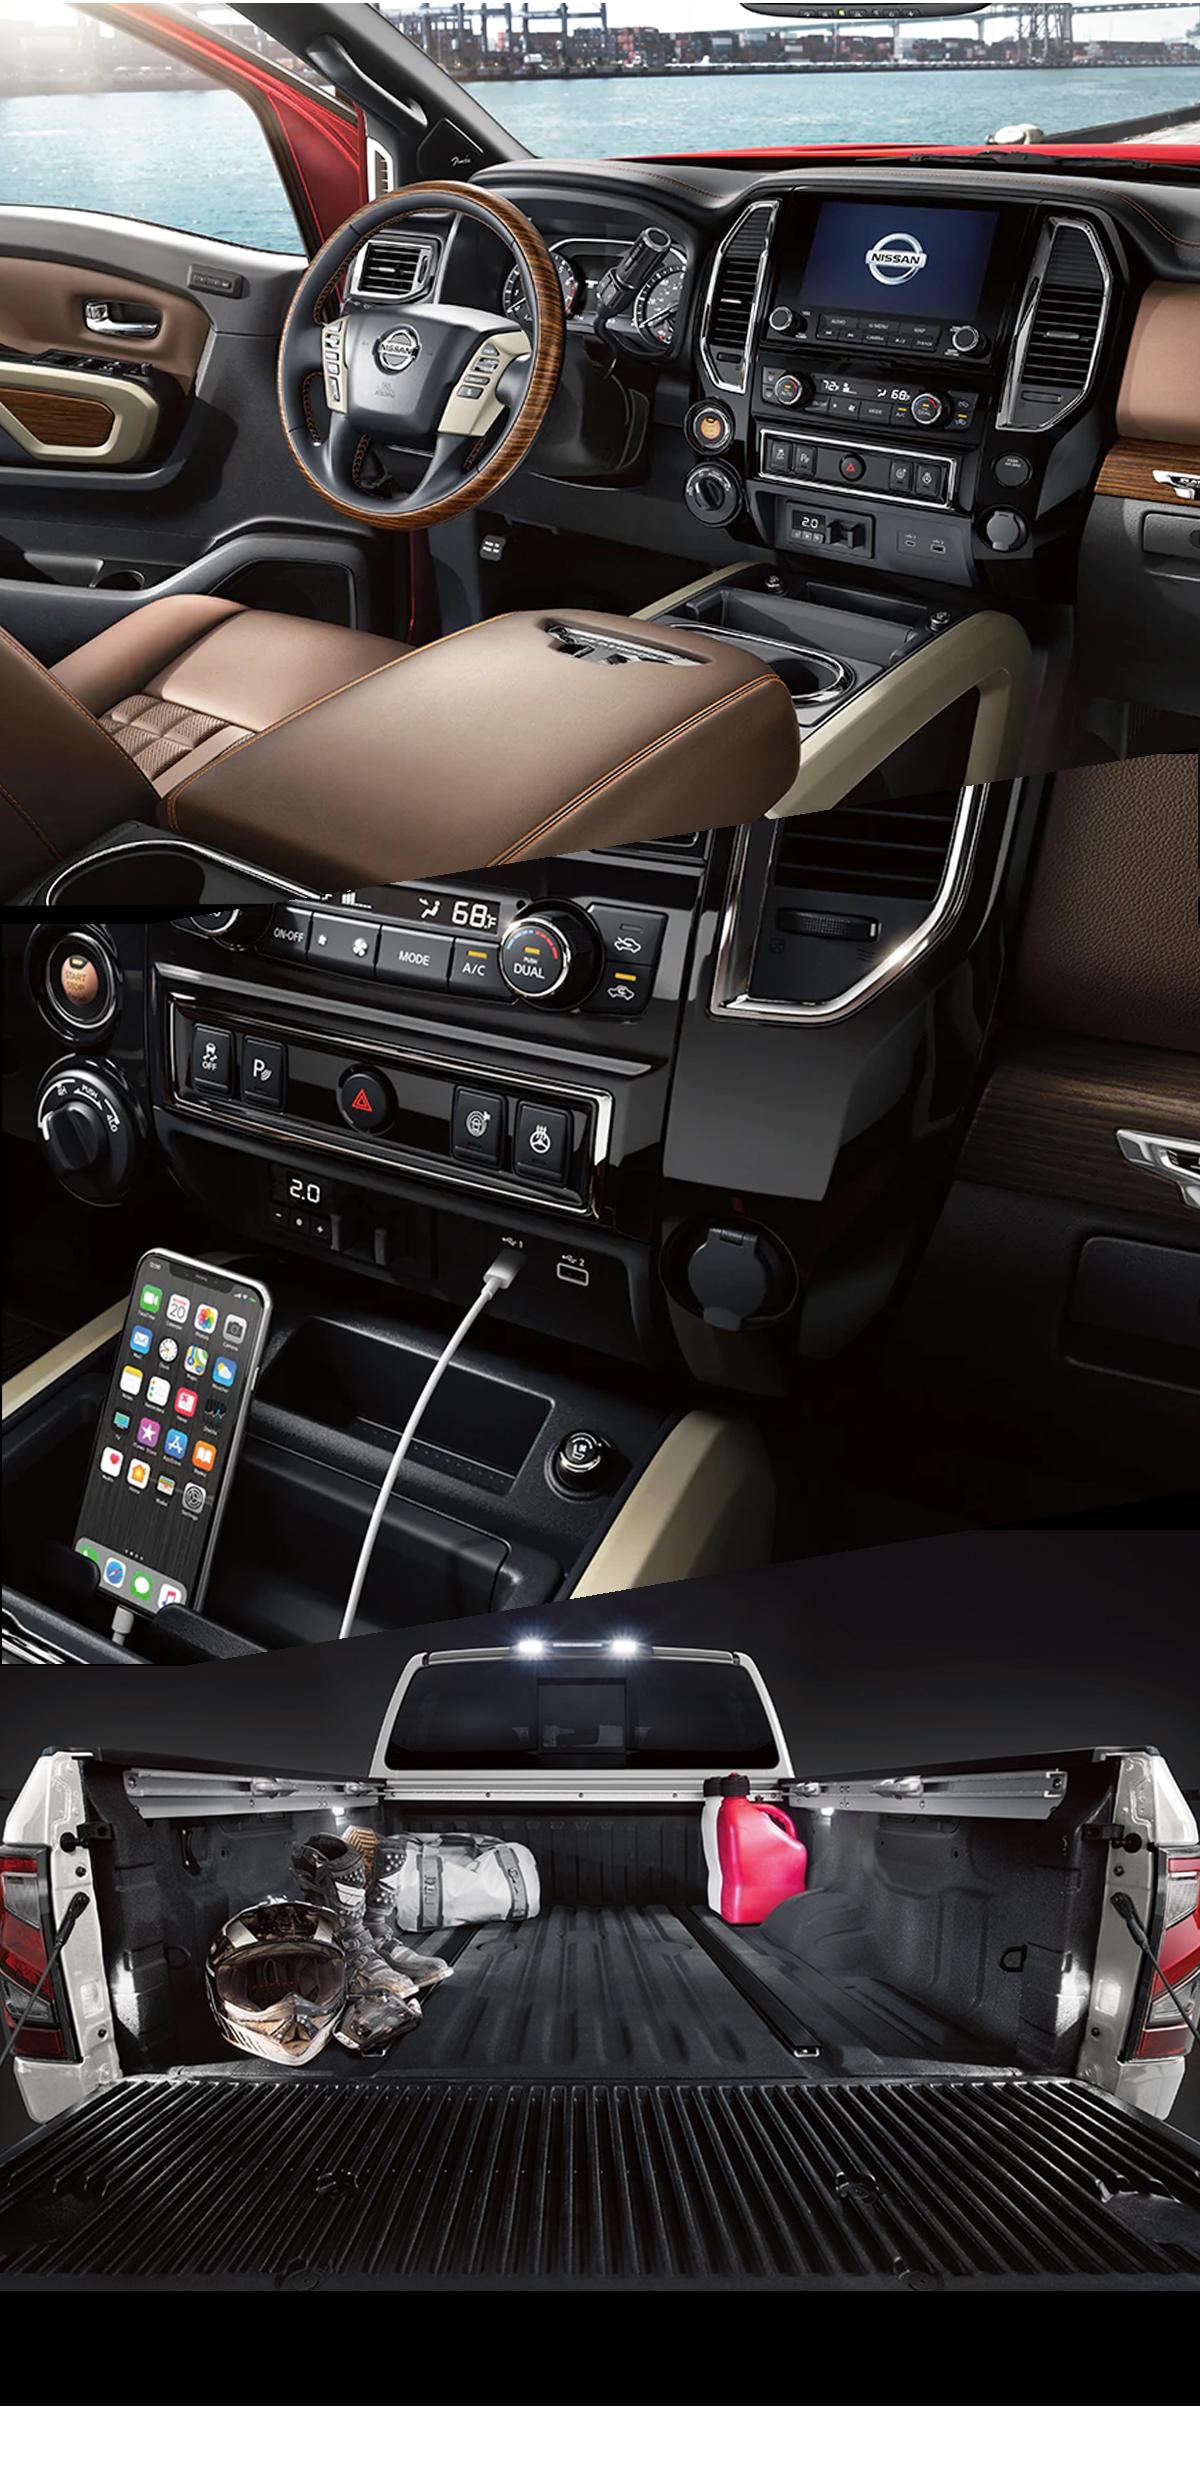 2021 Nissan Titan Interior in Andalusia, AL